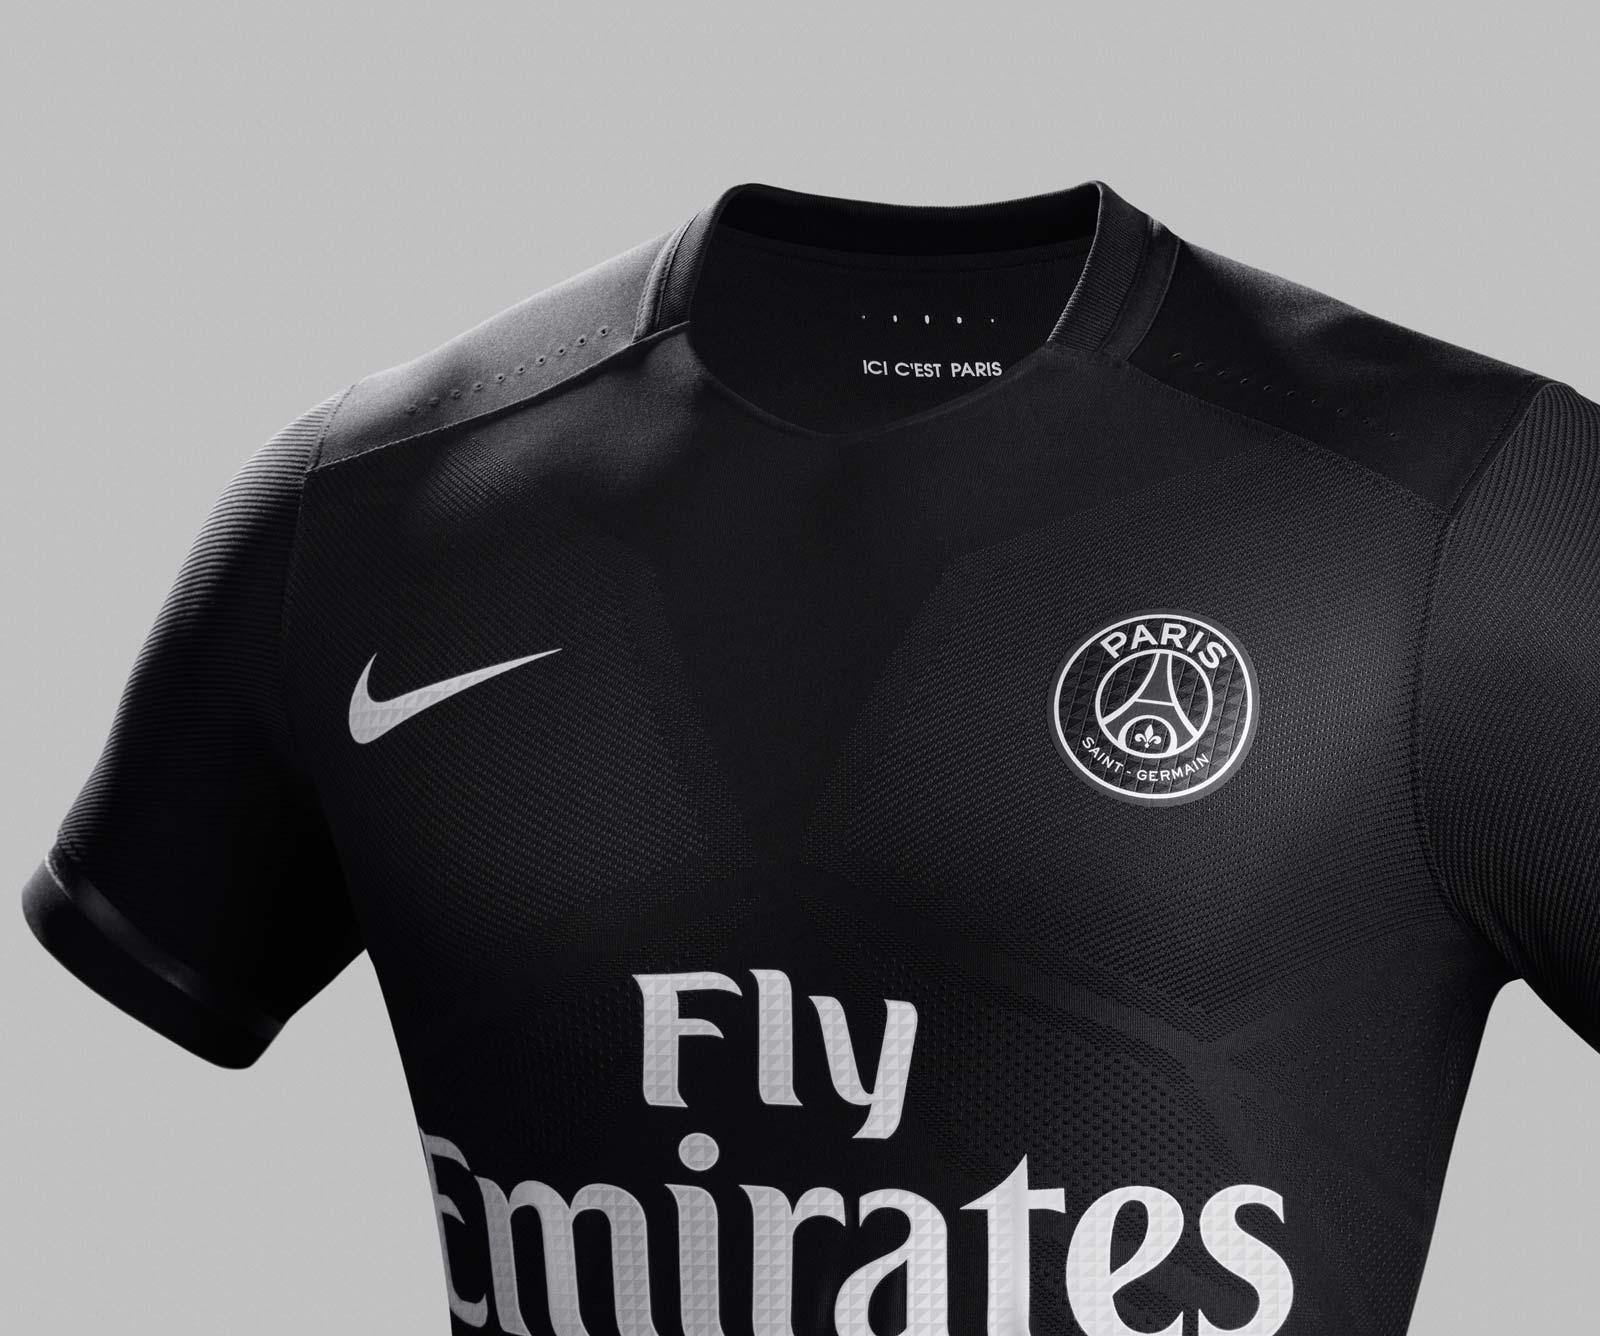 A quelques jours de la fin de la saison, Nike vient de présenter les nouveaux maillots du Paris Saint-Germain pour la saison 2015-2016.